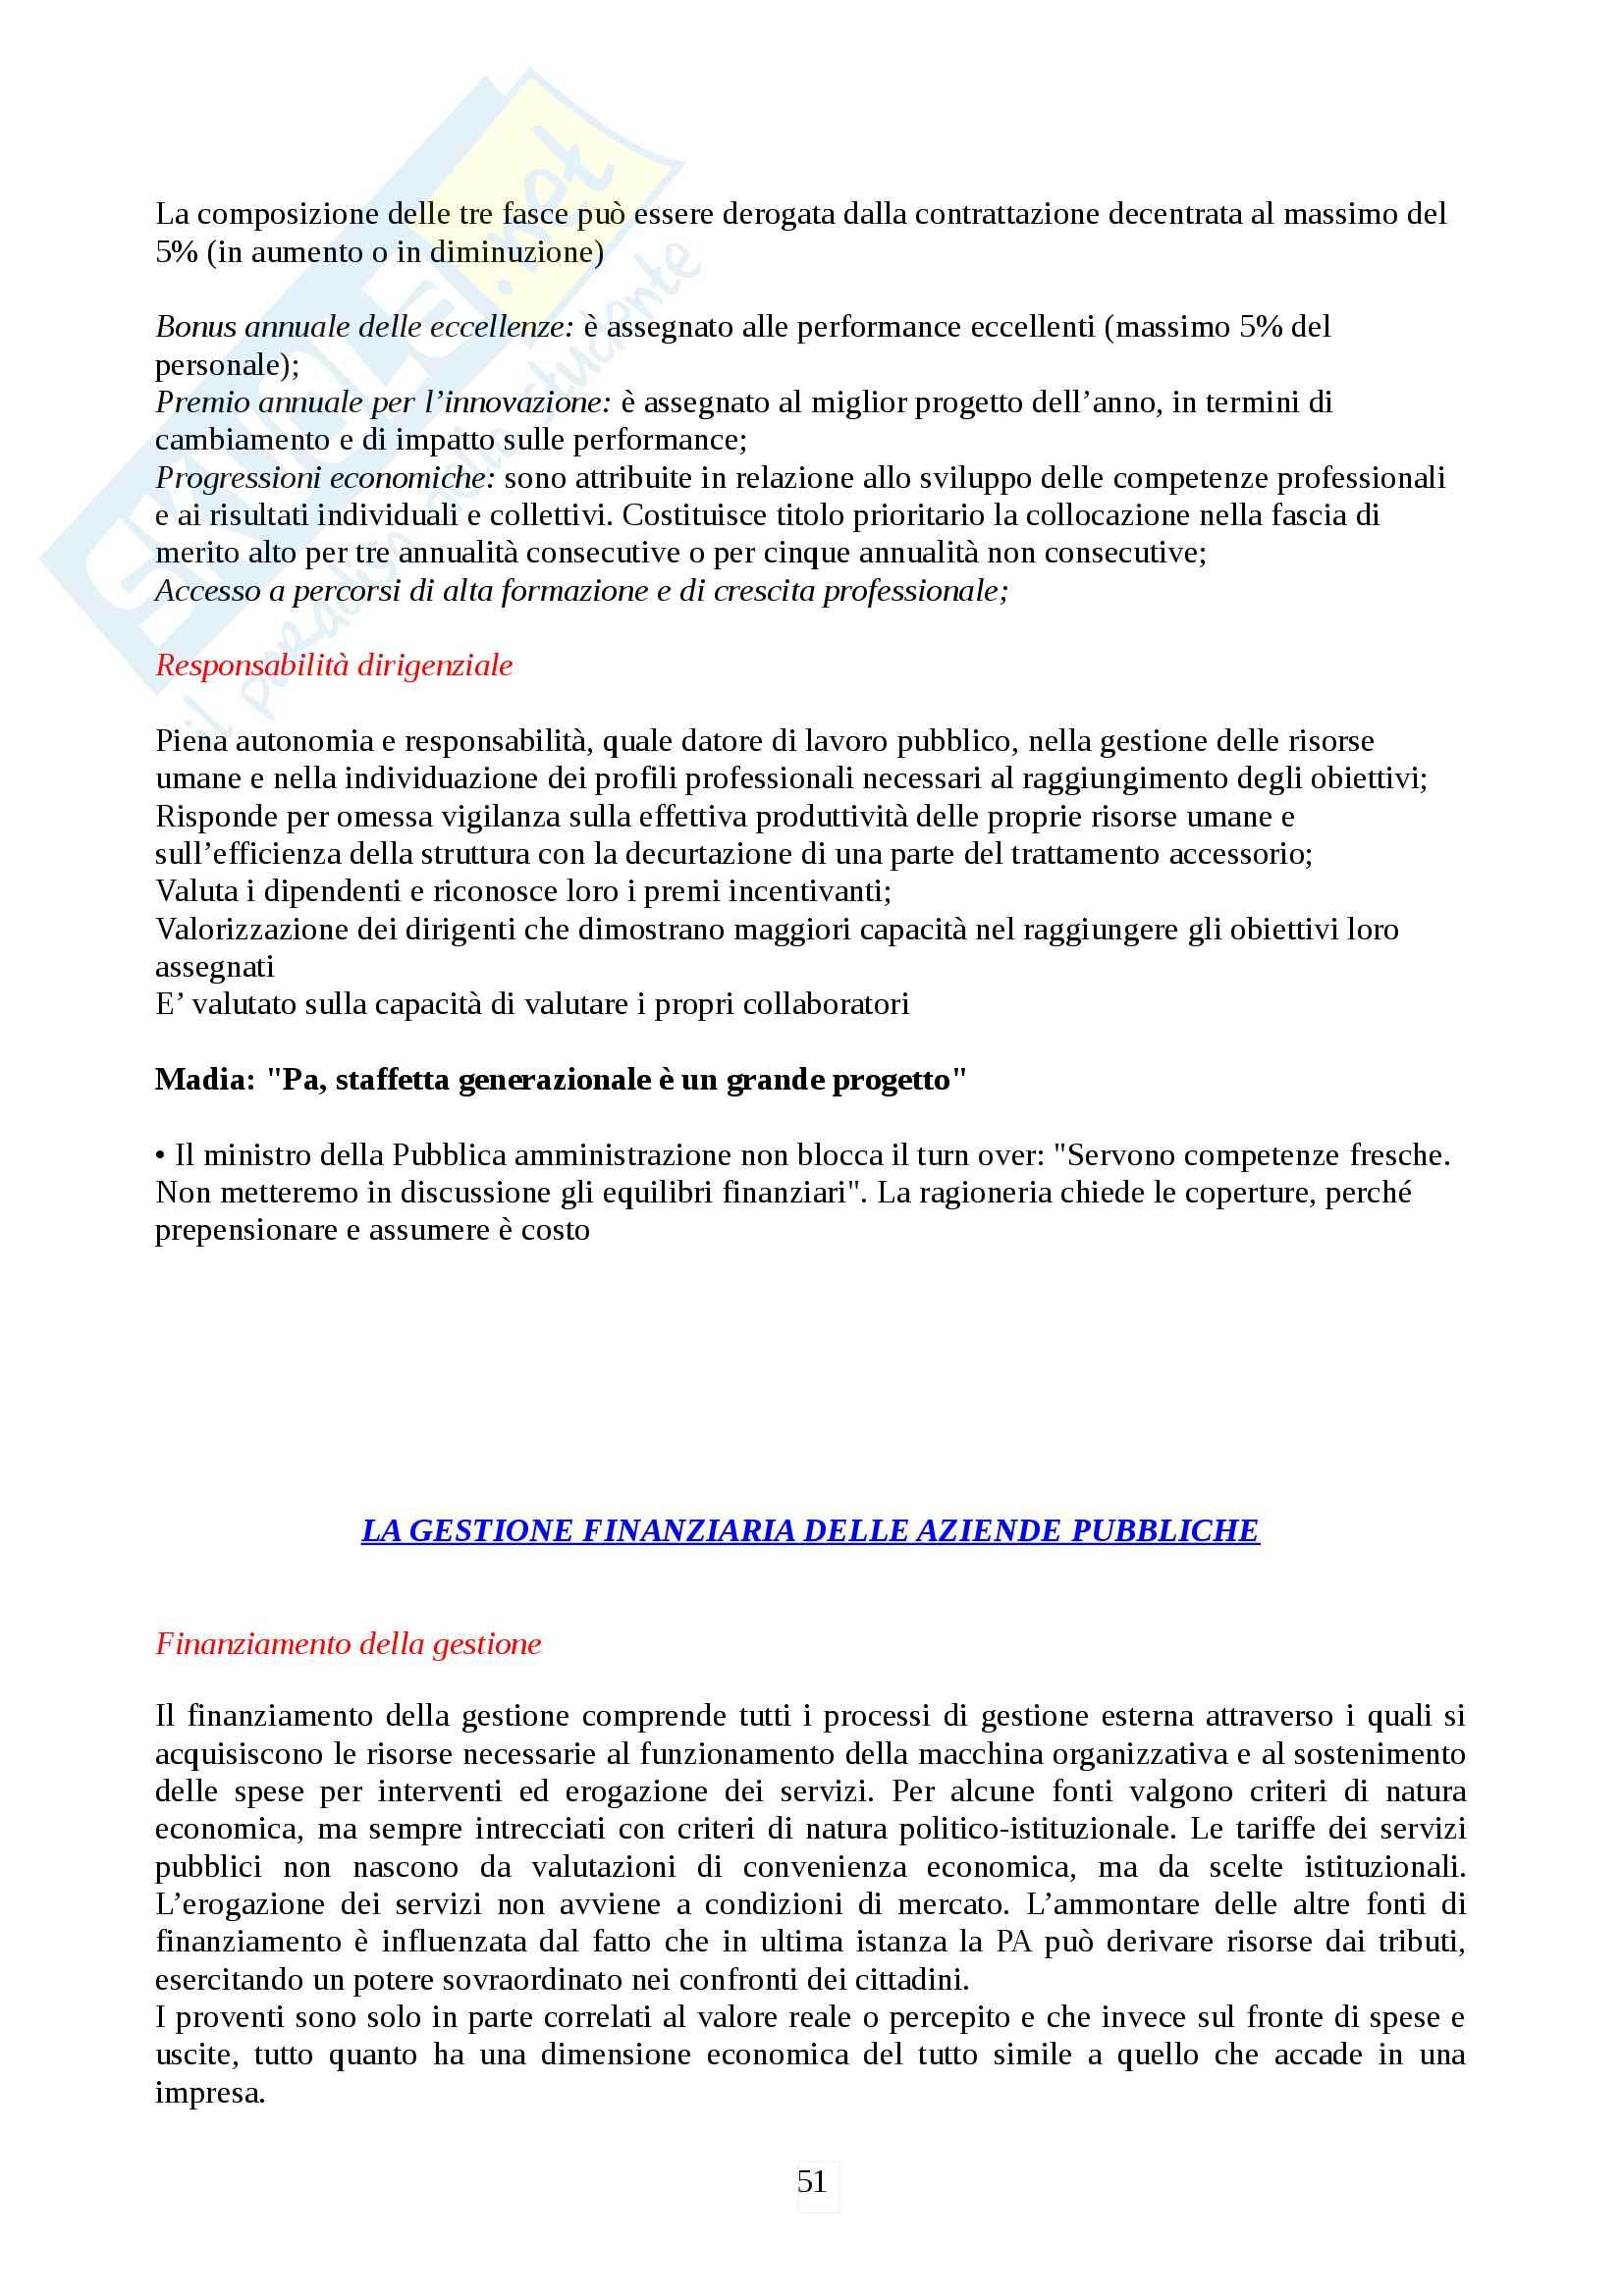 Management amministrazioni pubbliche Pag. 51